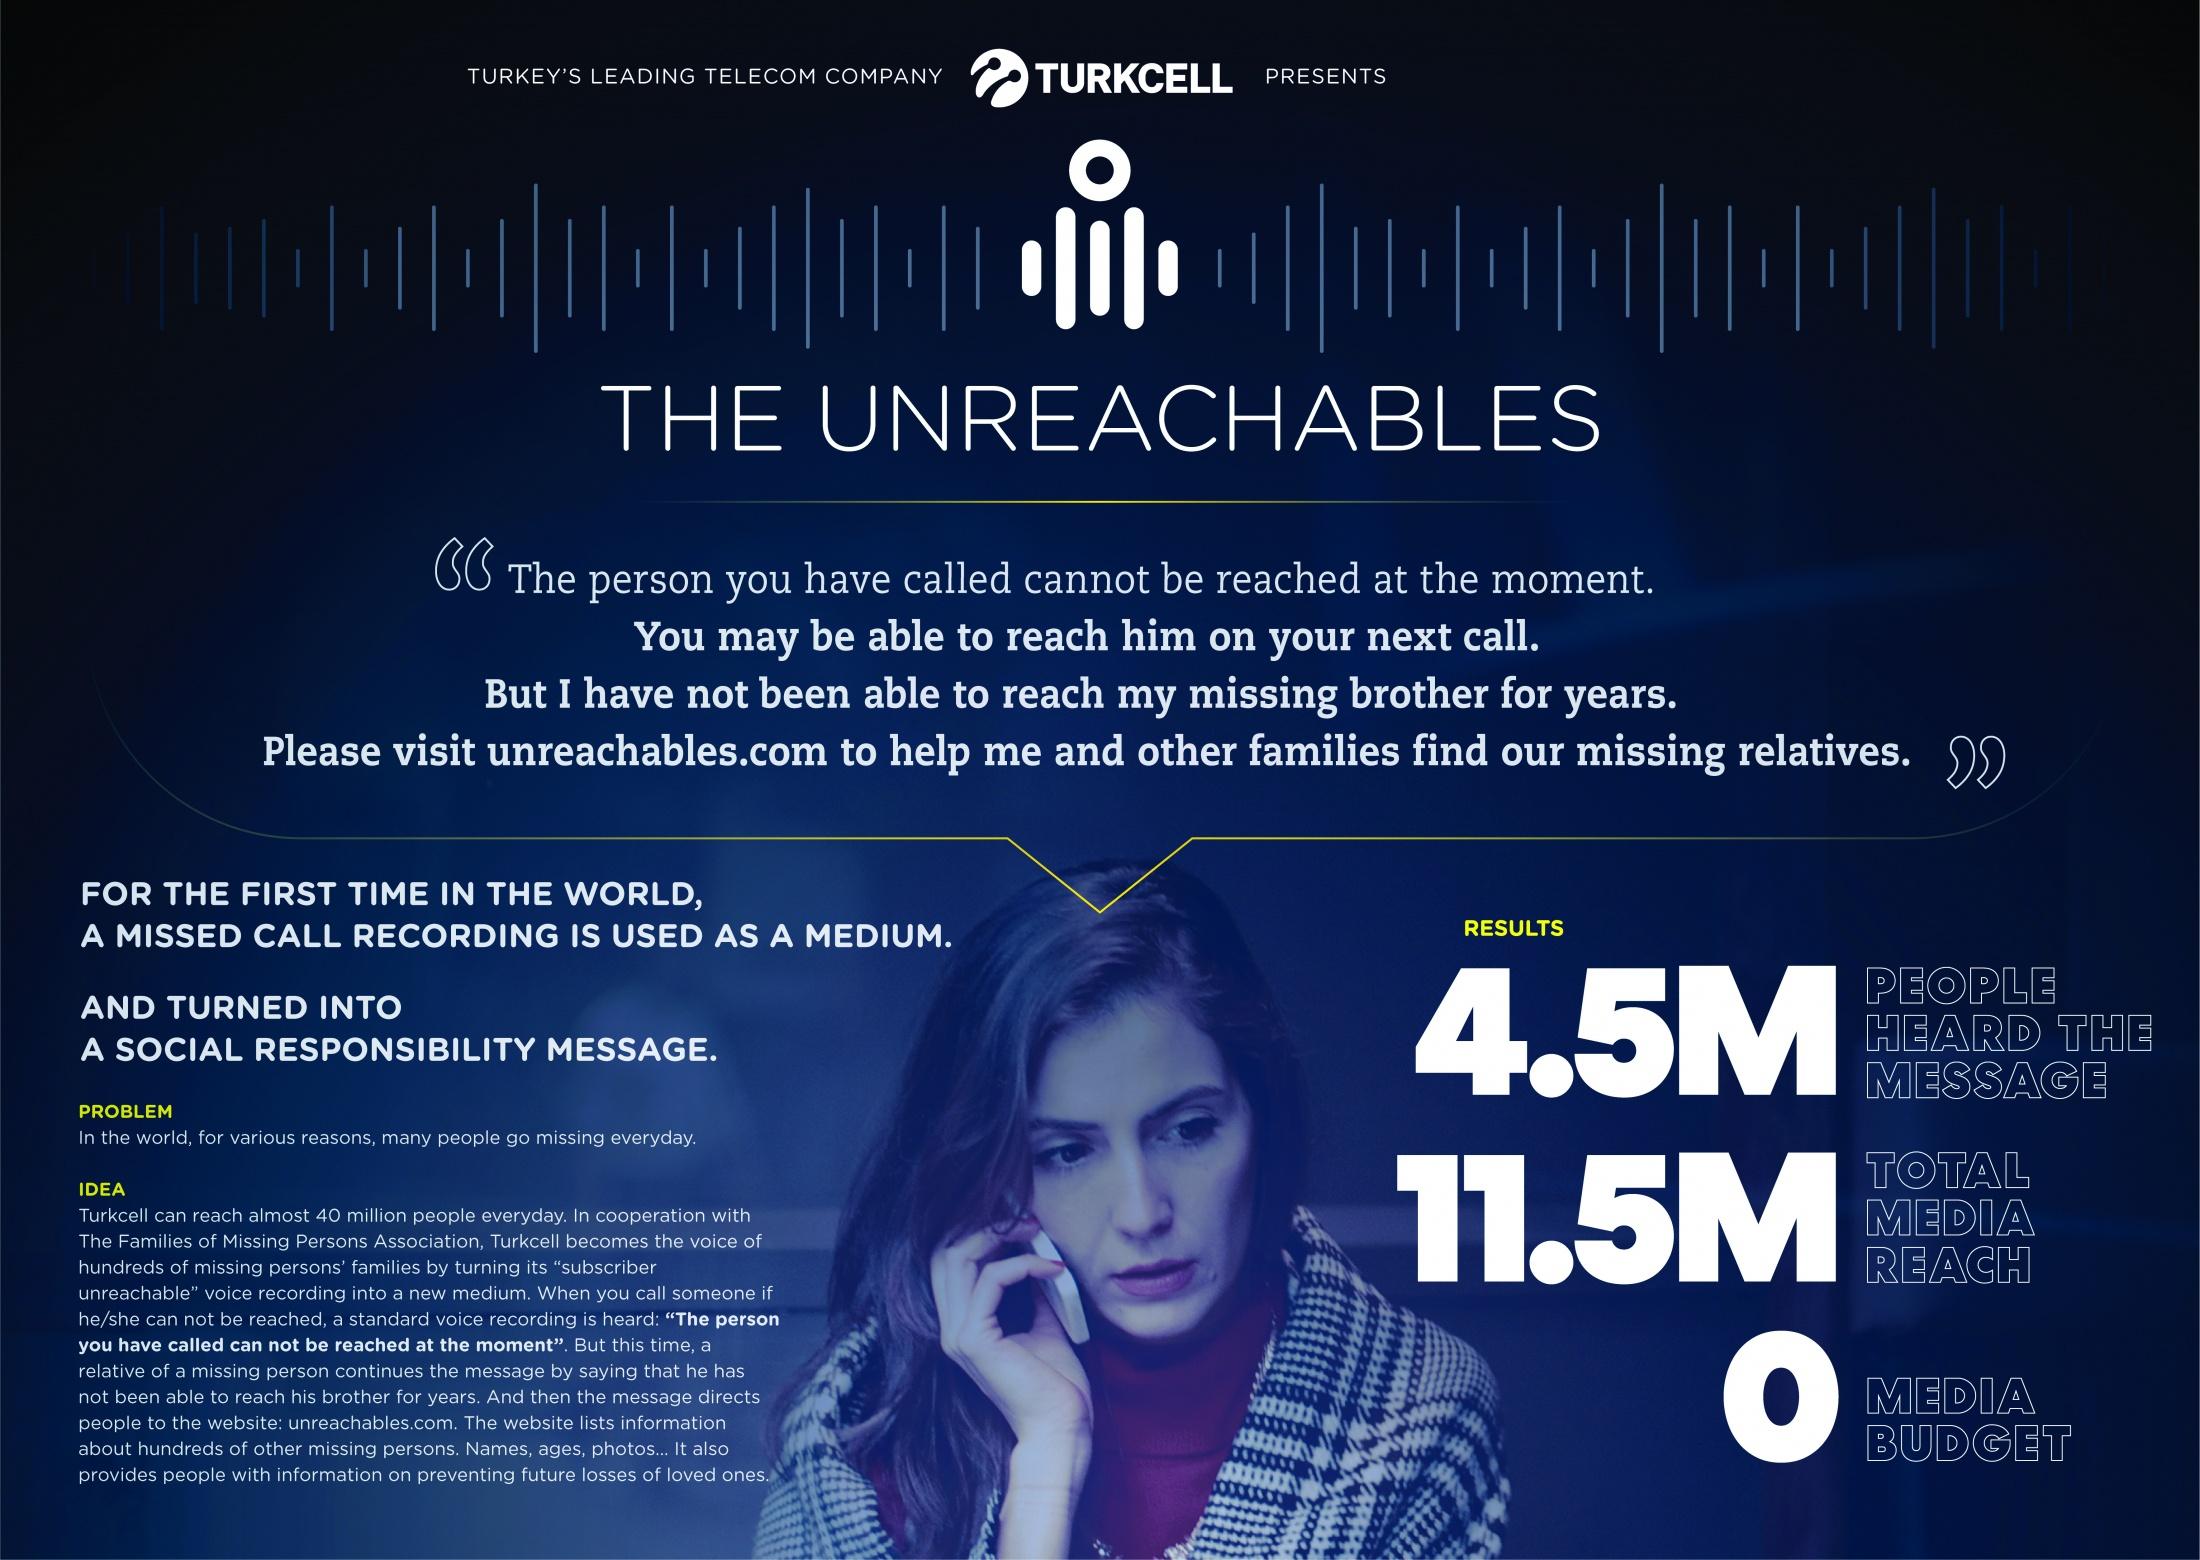 Thumbnail for Unreachables